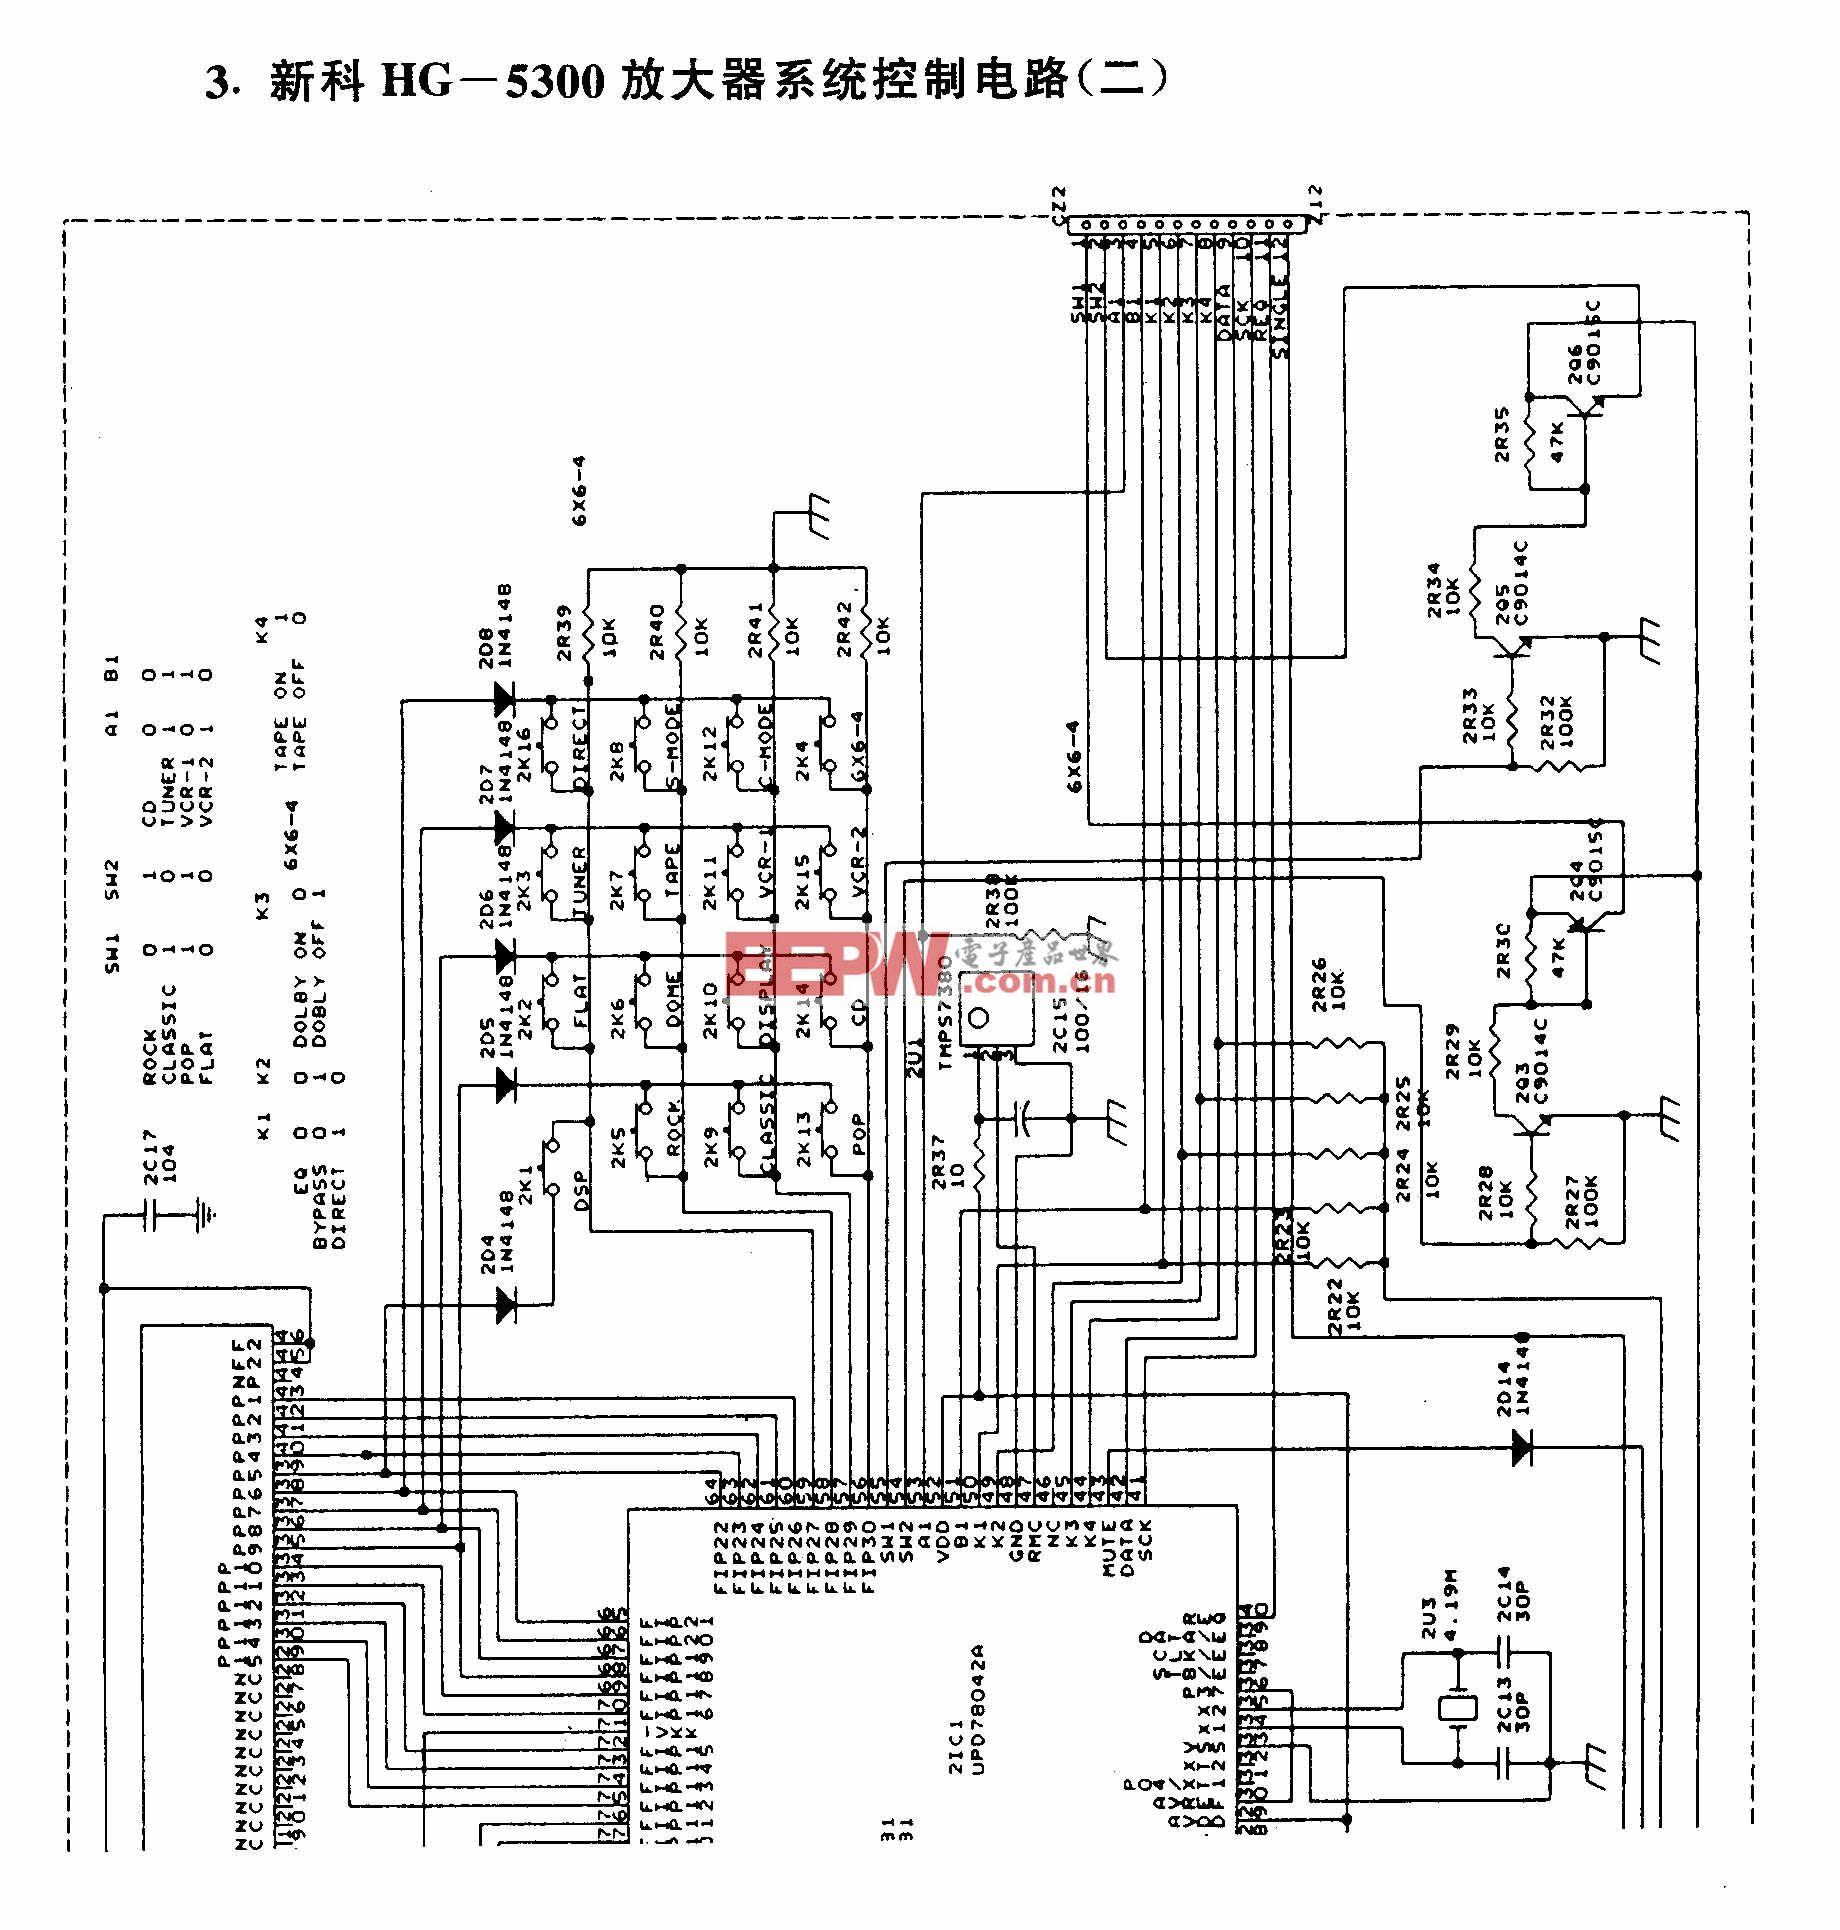 新科HG-5300放大器系统控制电路(二)